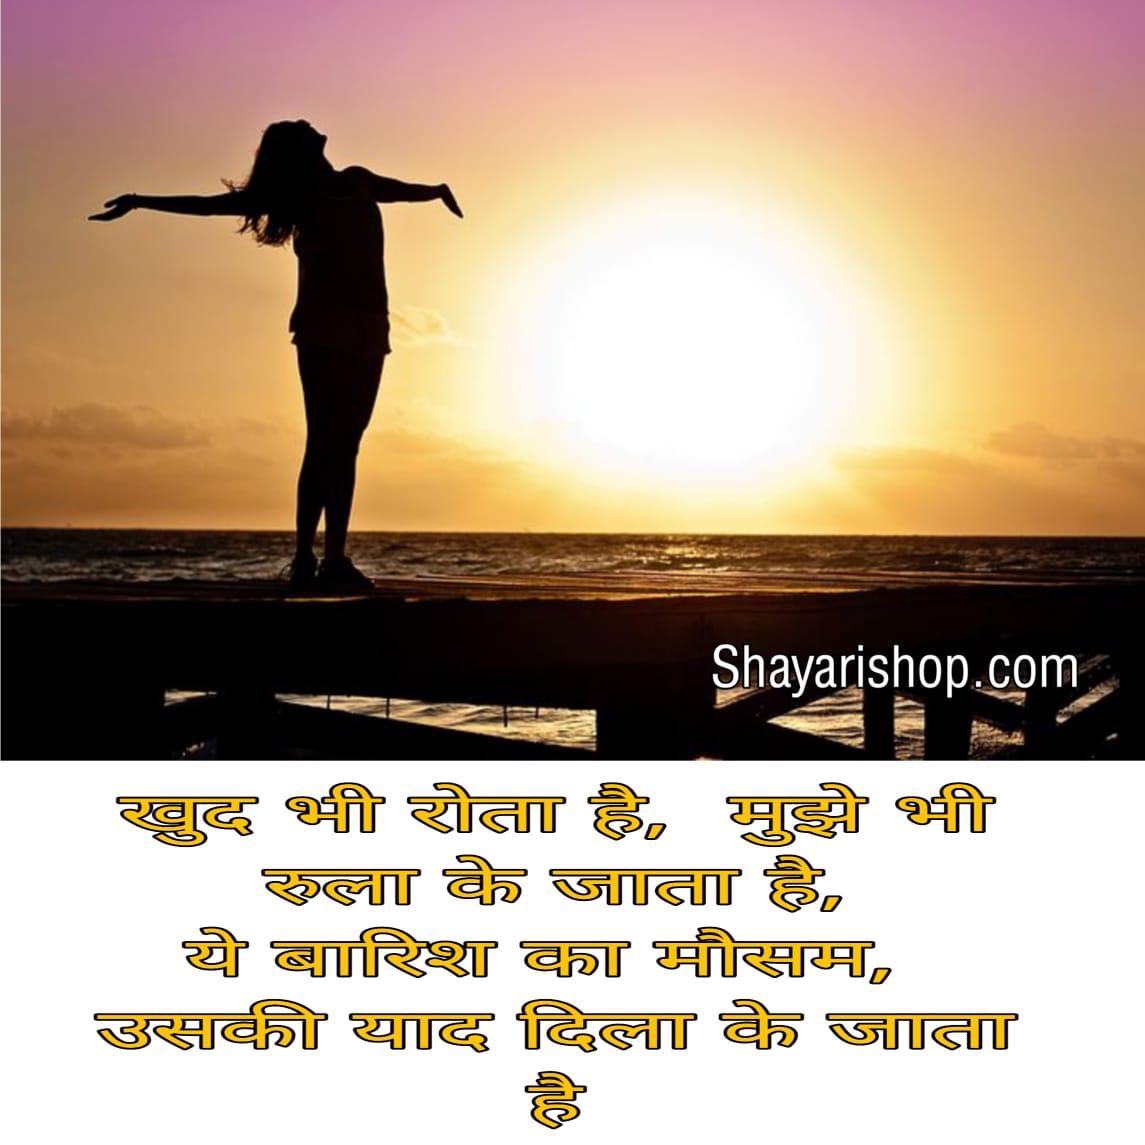 Missing Quotes, Missing status - ShayariShop -Best shayari